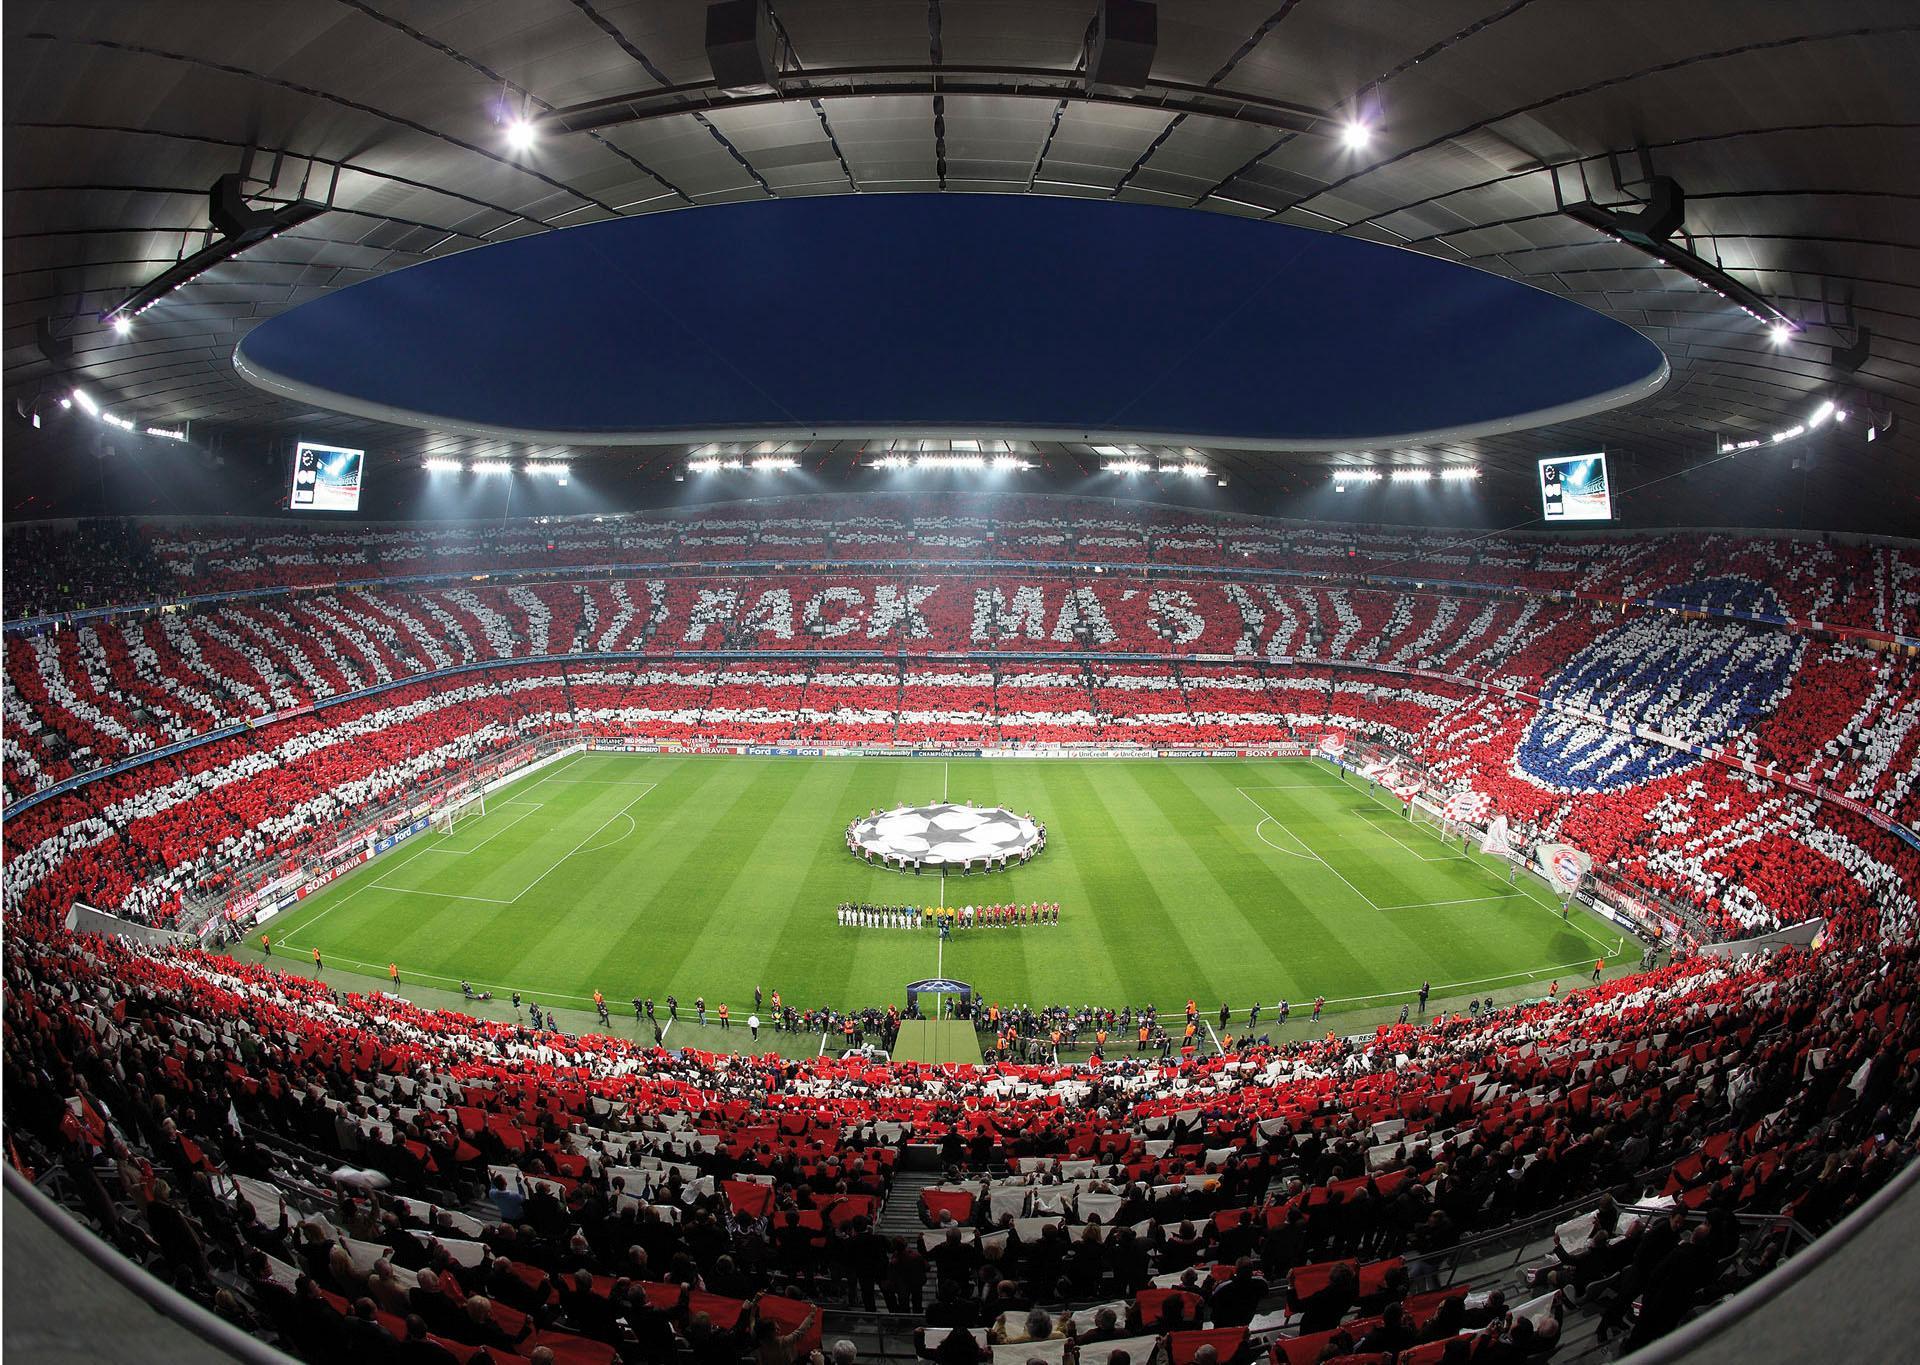 Fototapete Bayern München Stadion Choreo Pack Mas Wohnen/Accessoires & Leuchten/Wohnaccessoires/Wandtattoos und Wandsticker/Wandtattoos Fußball